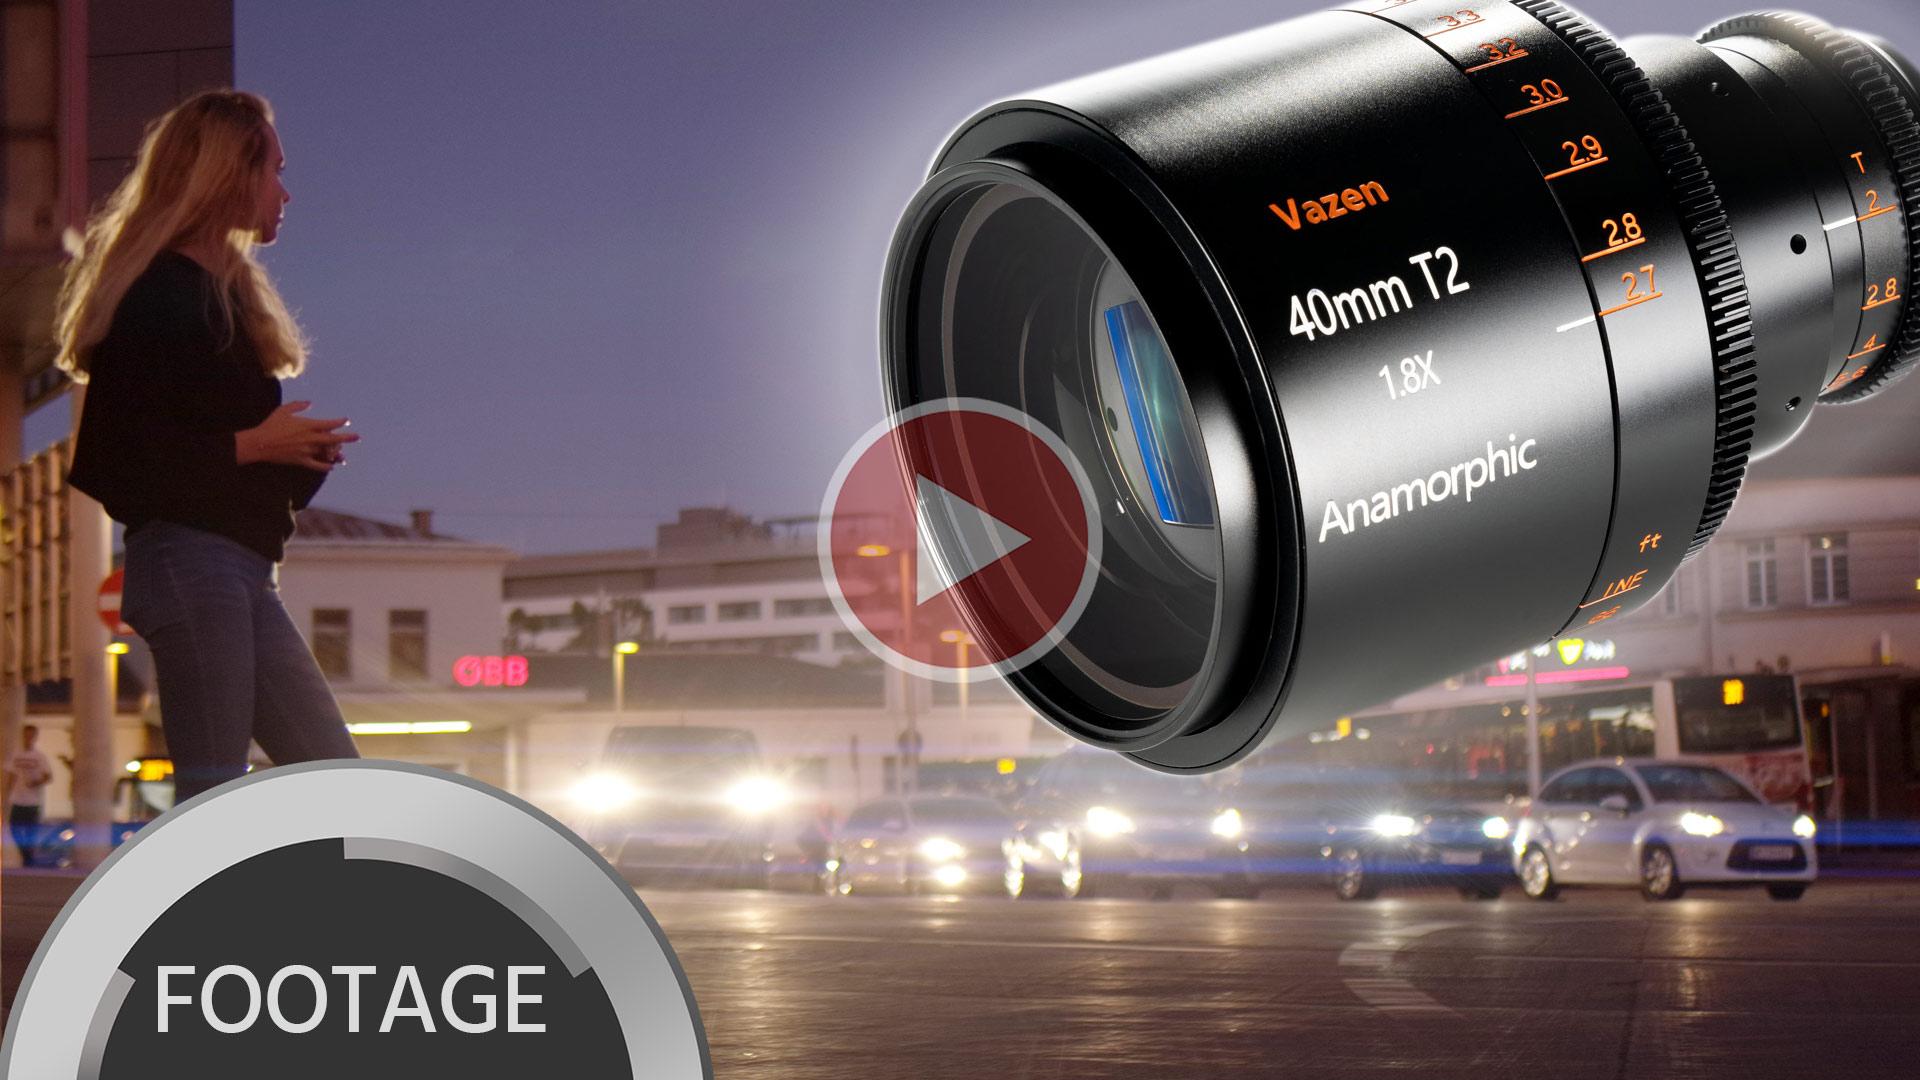 VAZEN Anamórfico 1.8x 40mm T2 para M 4/3 - Imágenes de muestra y reseña